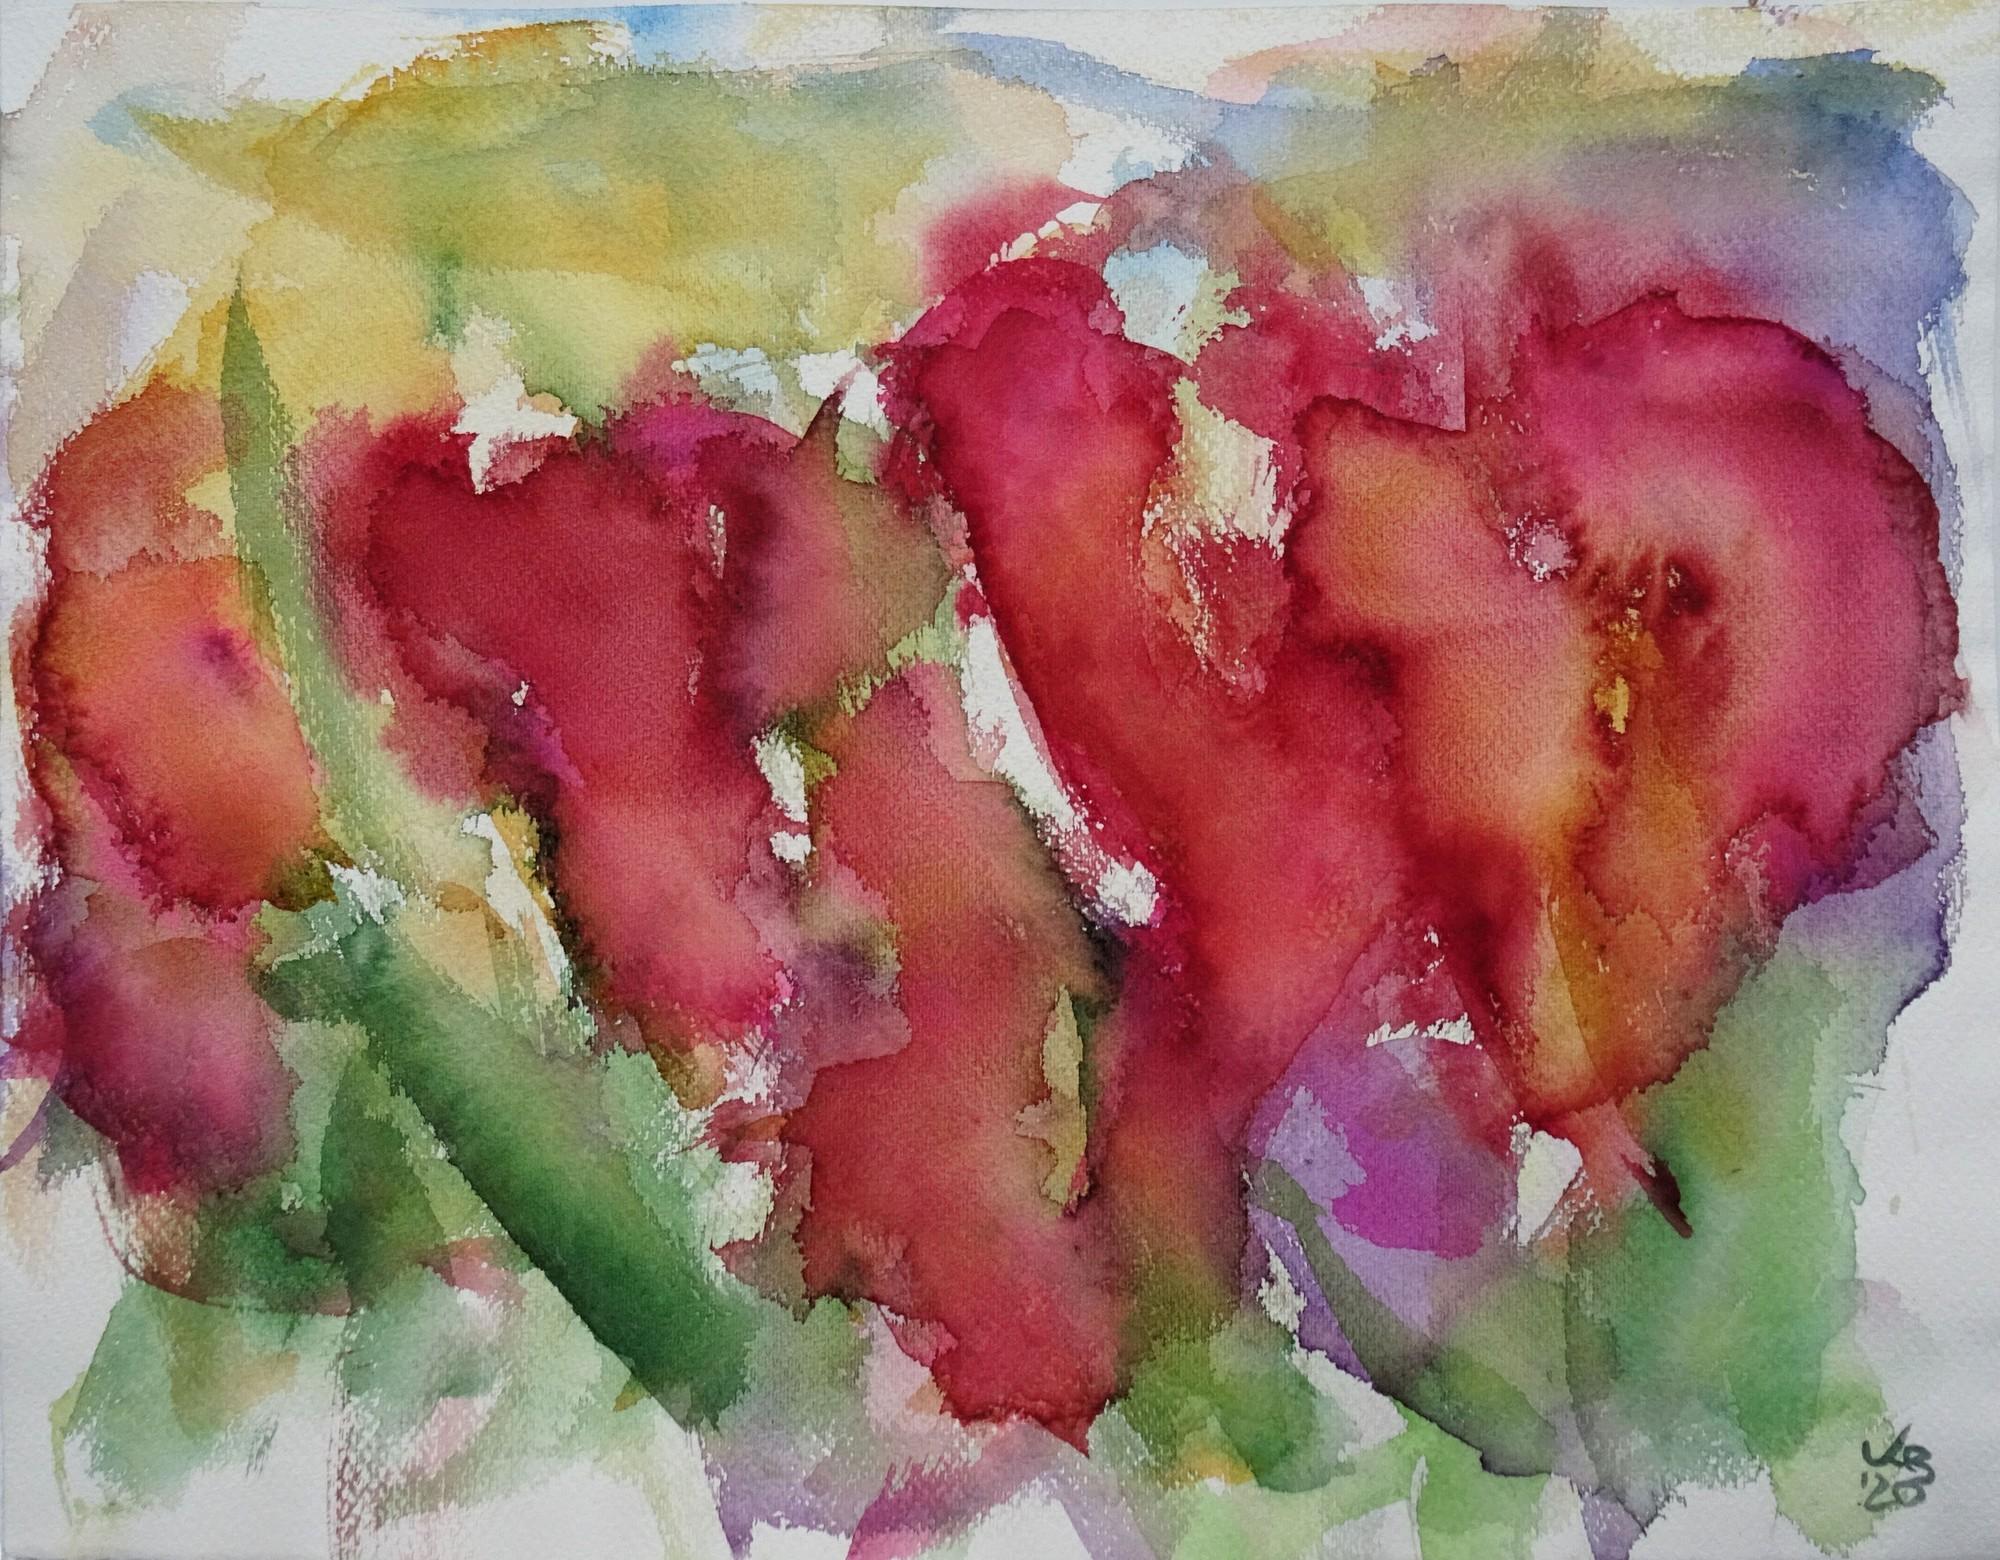 Tulpen II, Watercolour 50 x 39 cm, © 2020 by Klaus Bölling